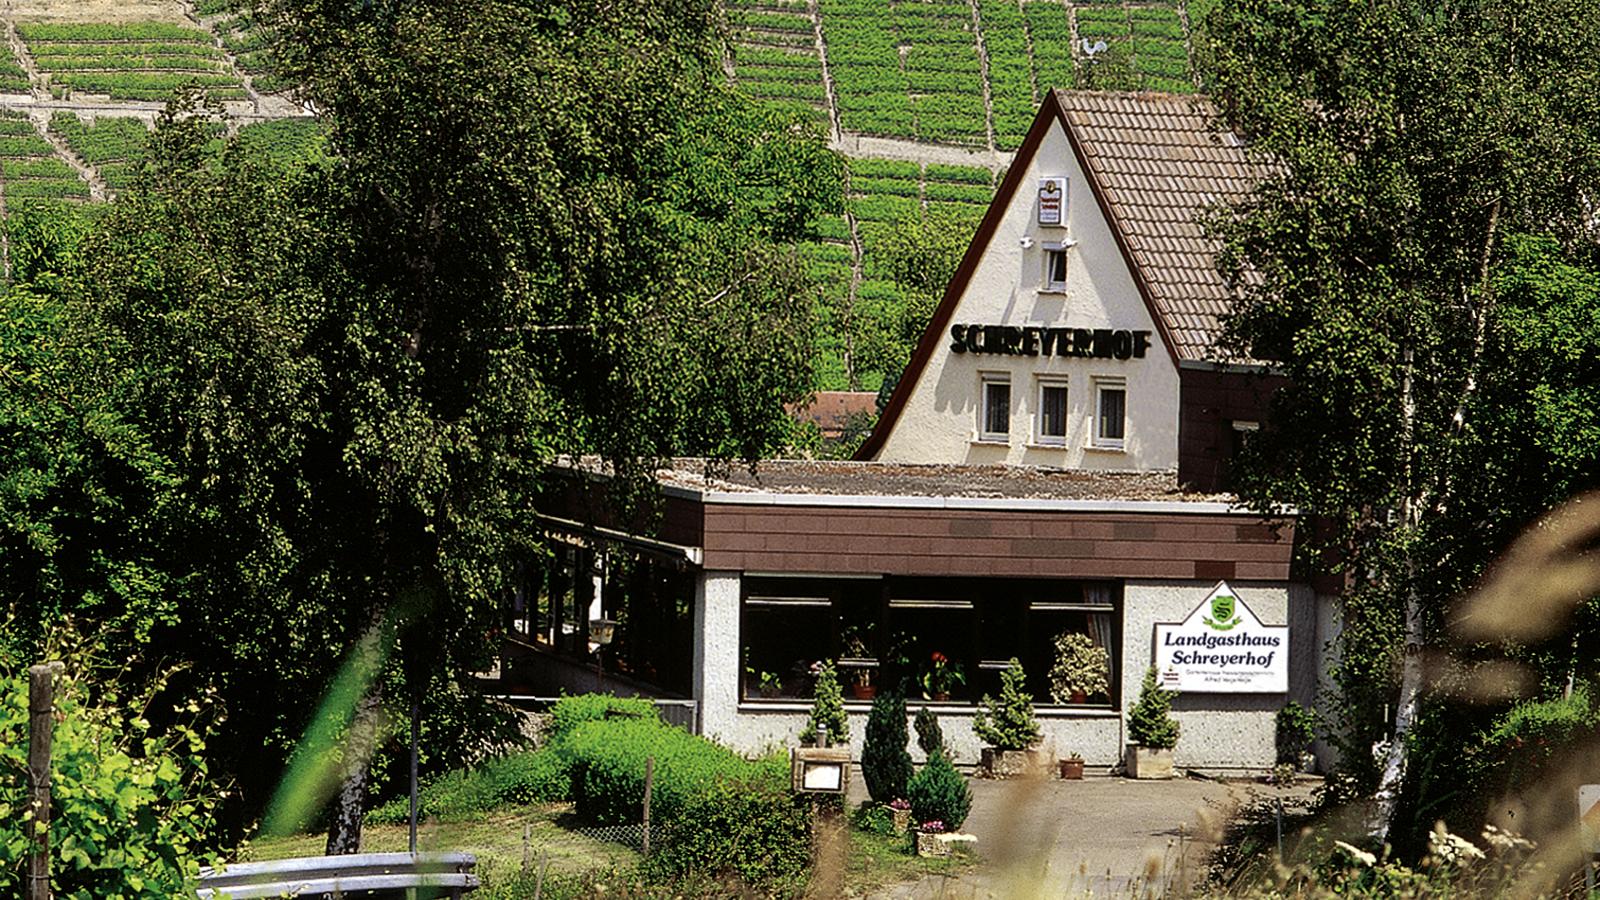 Bild 1 Landgasthaus Schreyerhof